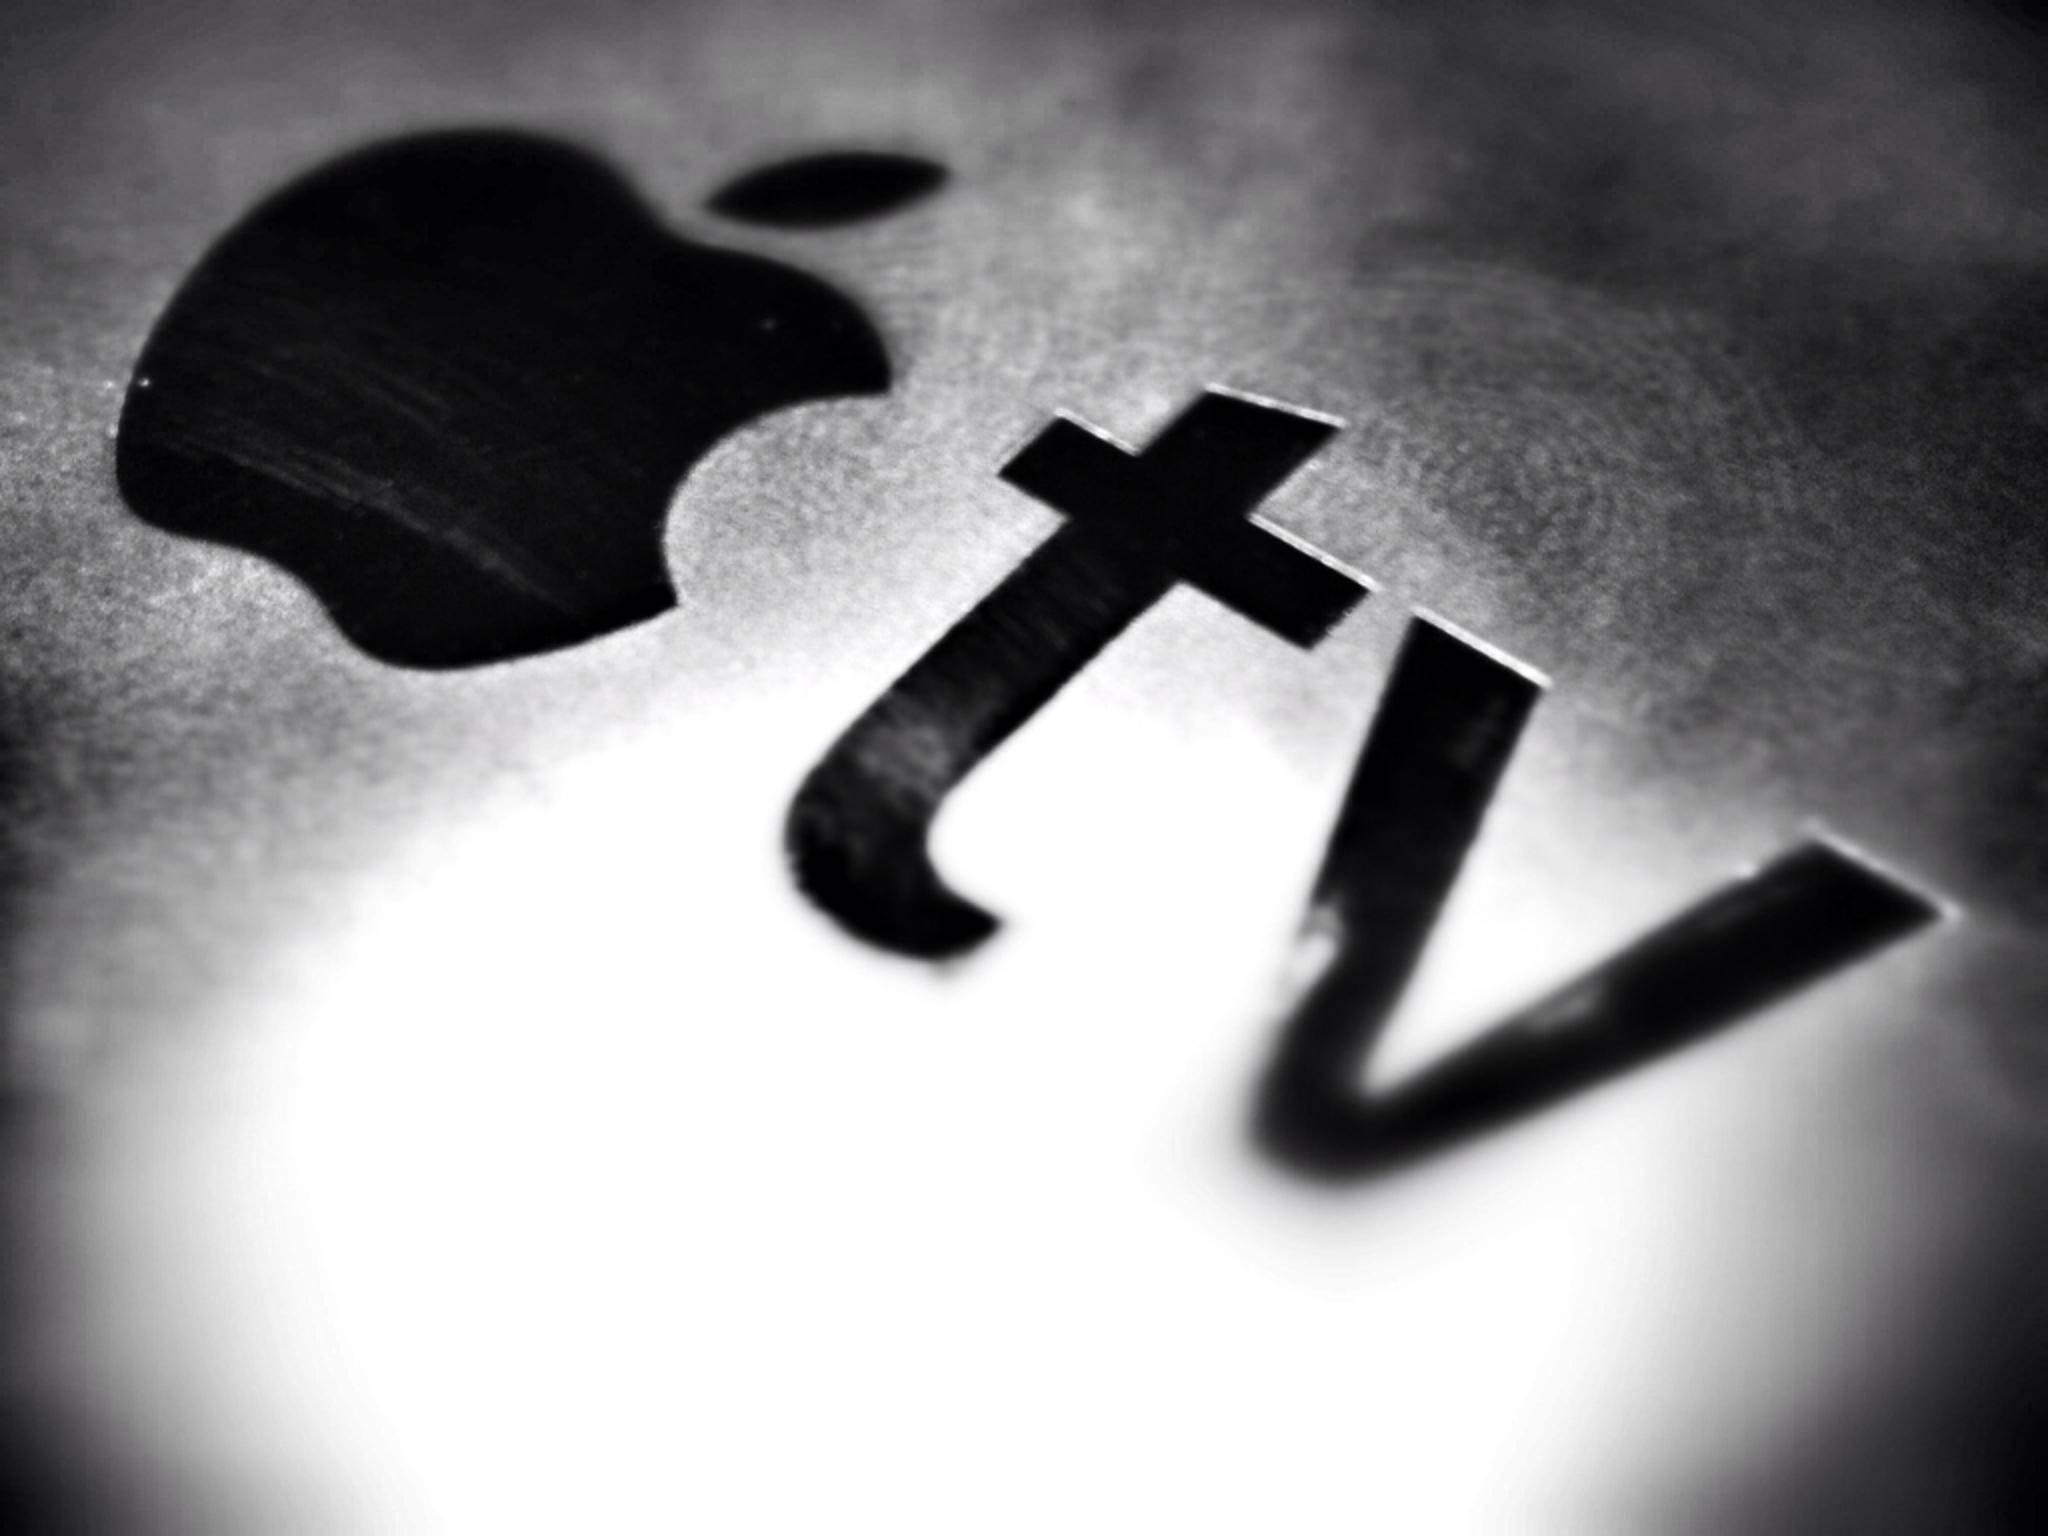 Apple TV 4G wird wahrscheinlich im Juni 2015 vorgestellt.